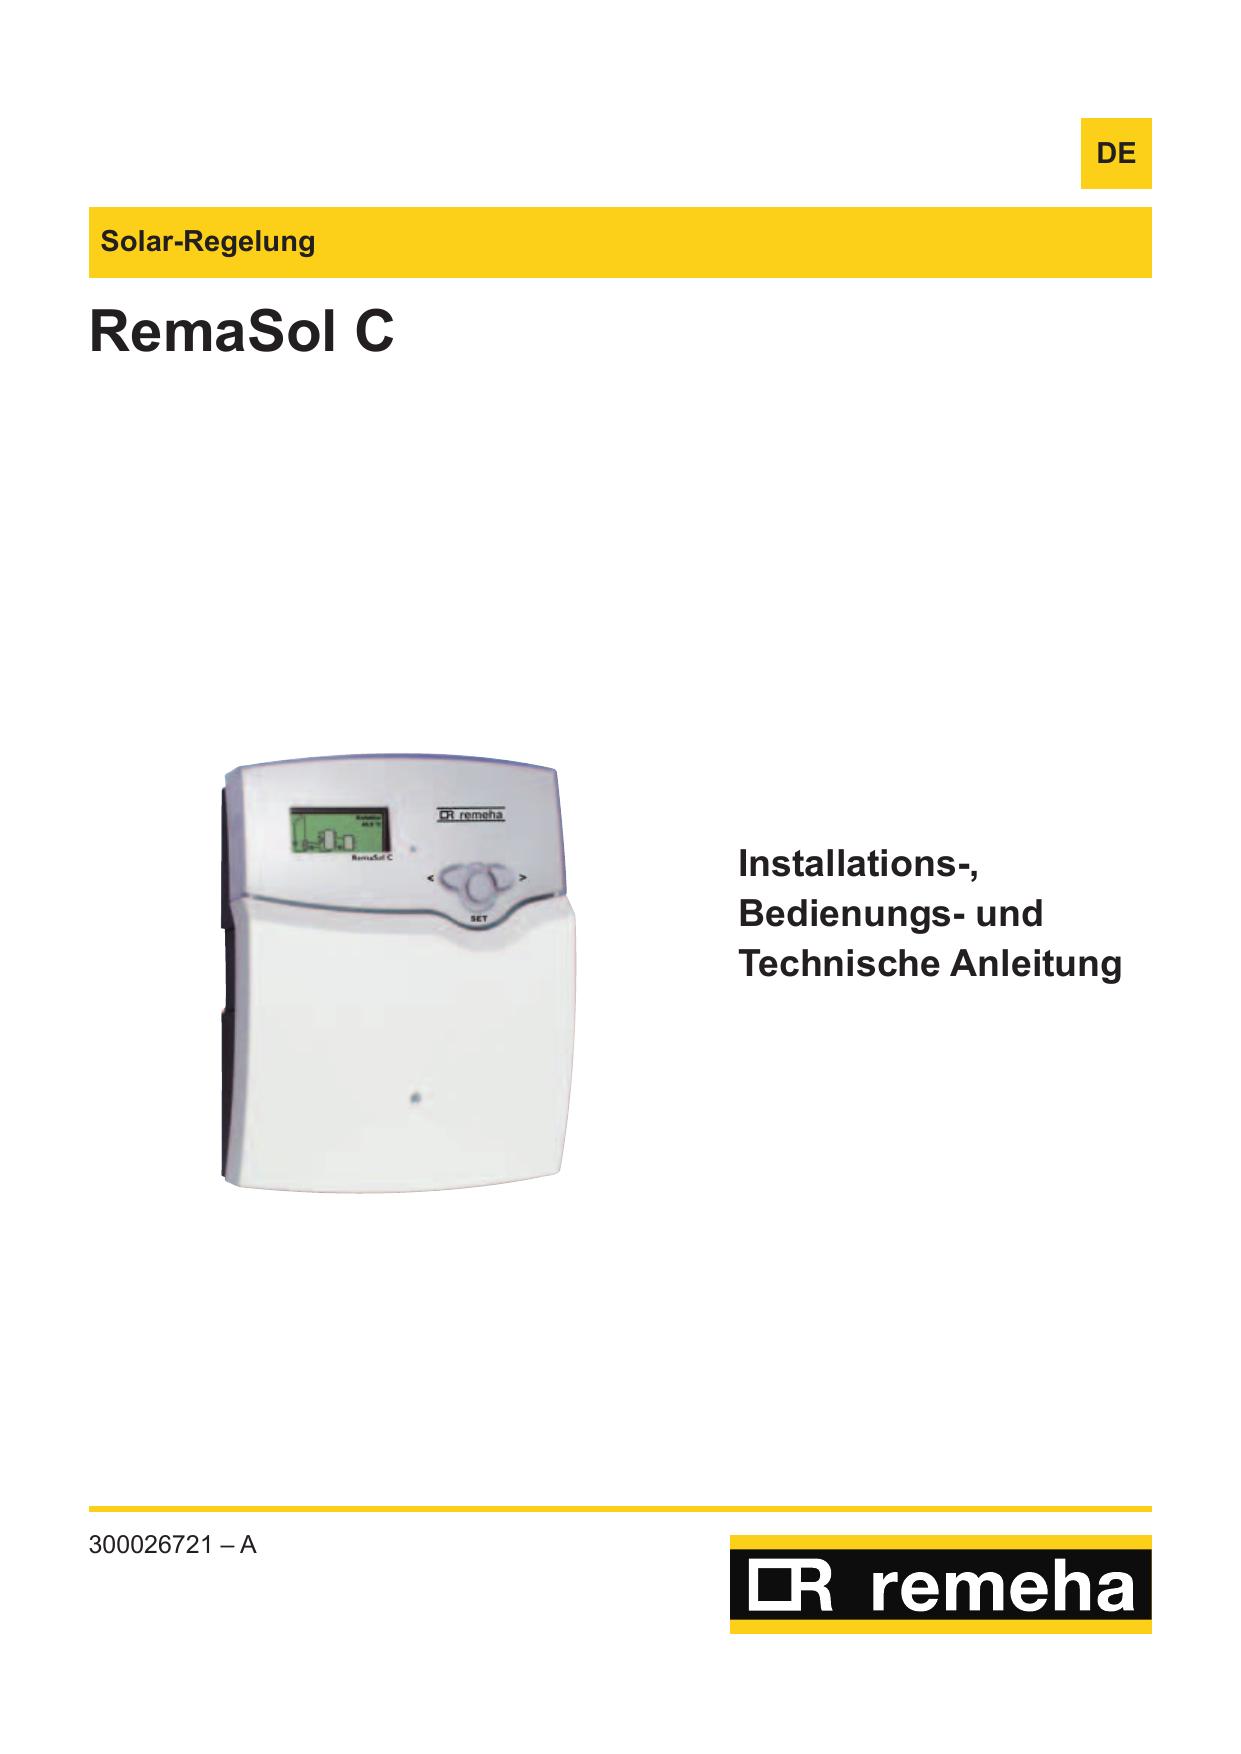 Bedienungsanleitung Remeha RemaSol C   manualzz.com